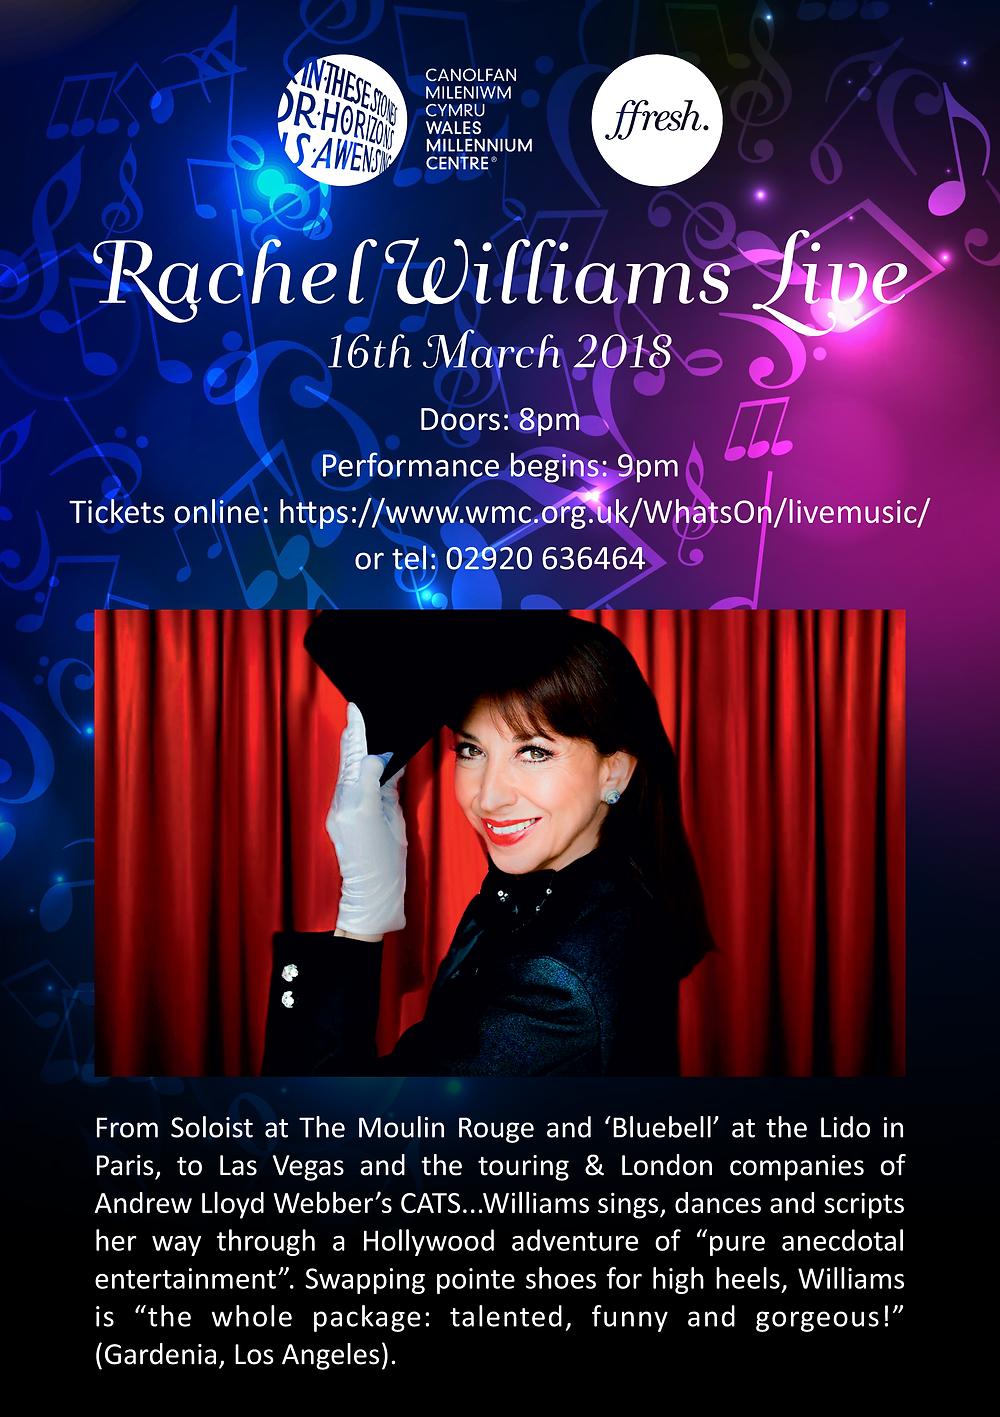 Rachel Wiilams Live poster